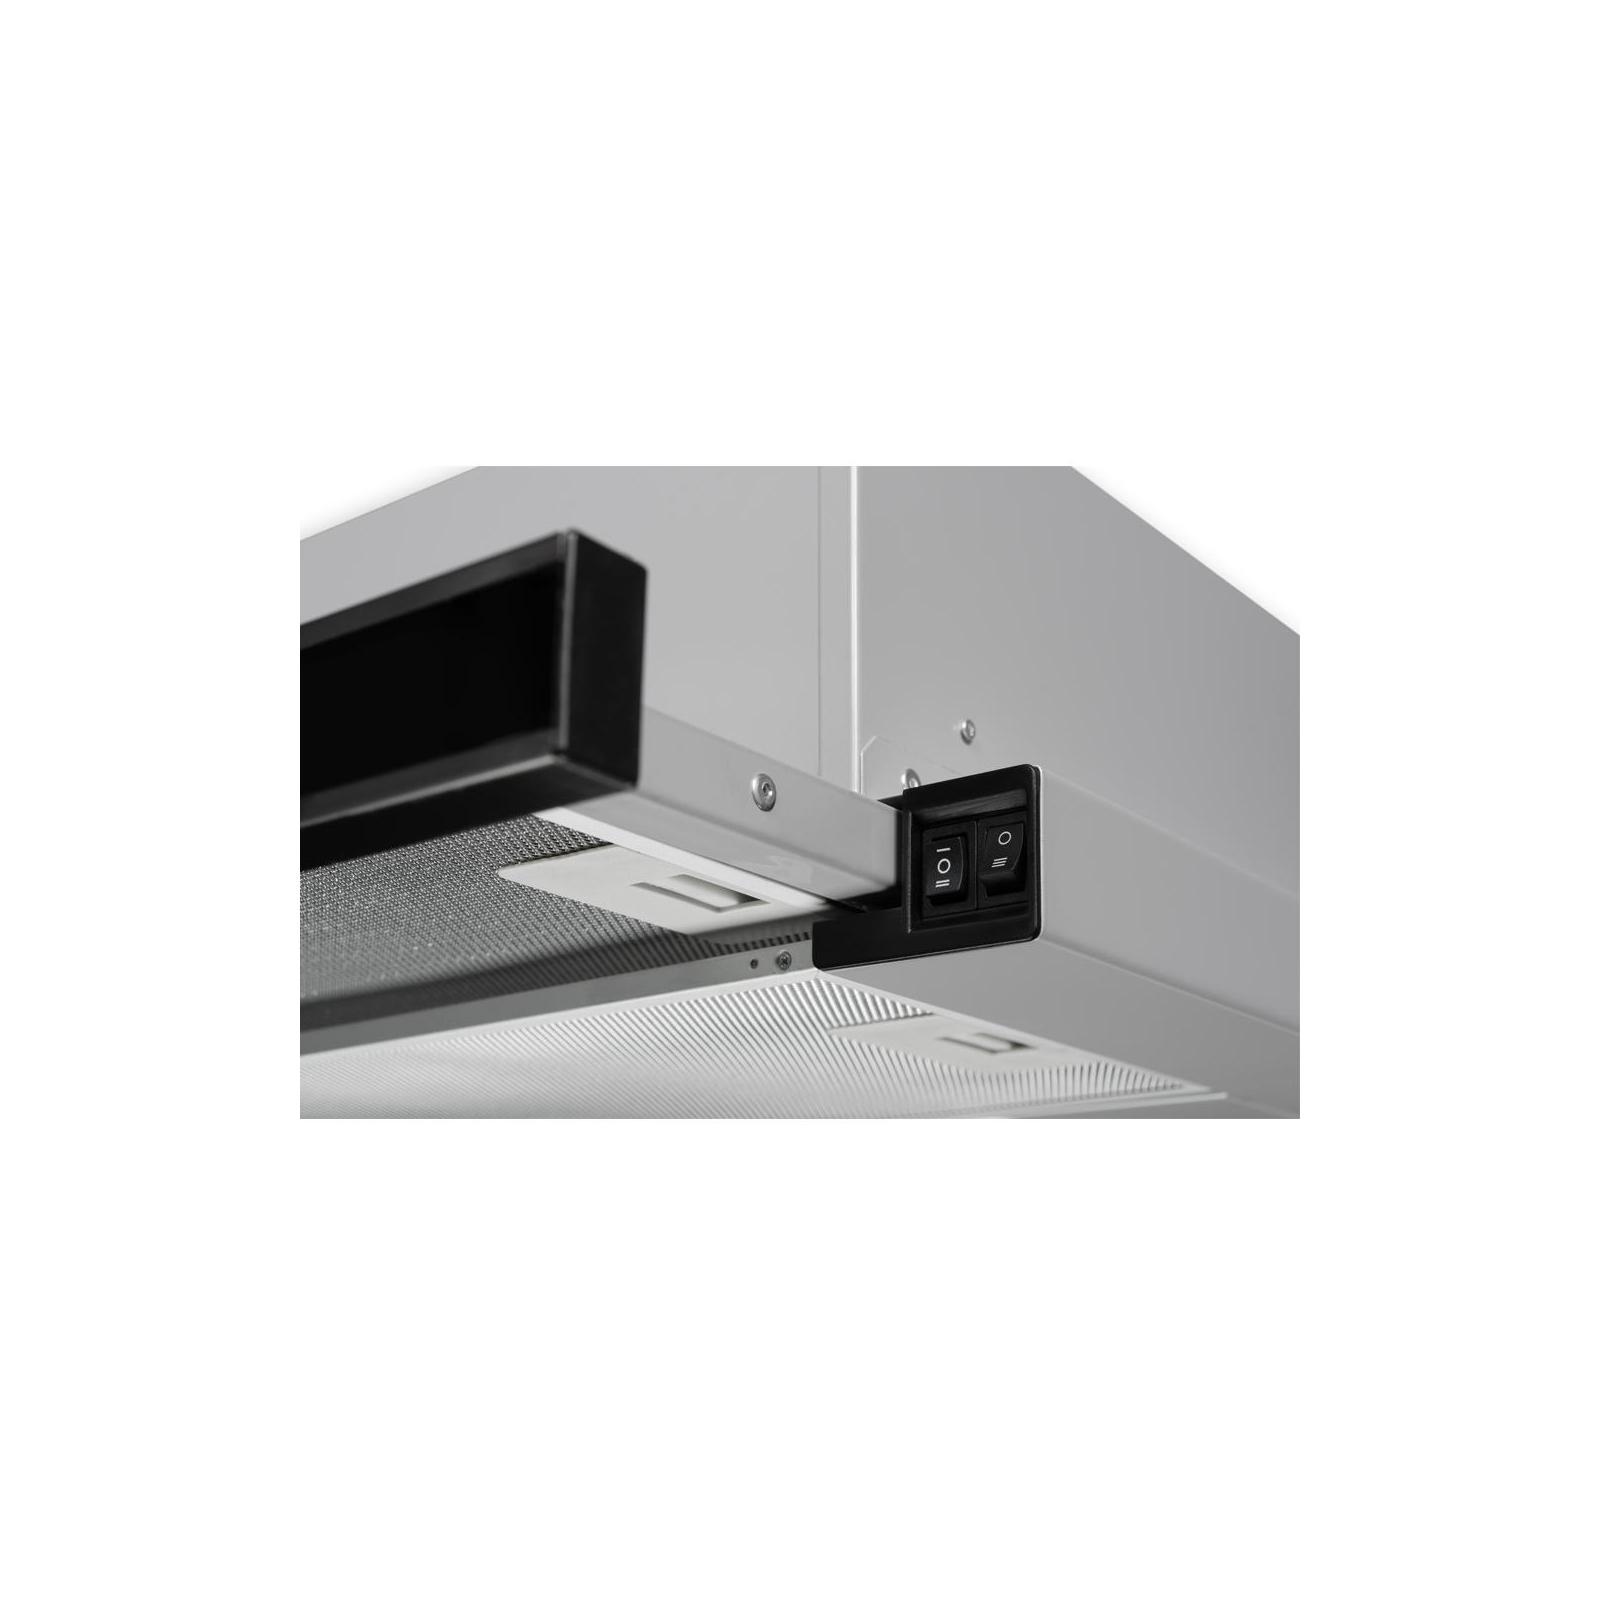 Вытяжка кухонная MINOLA HTL 6172 I/BL GLASS 650 LED изображение 6